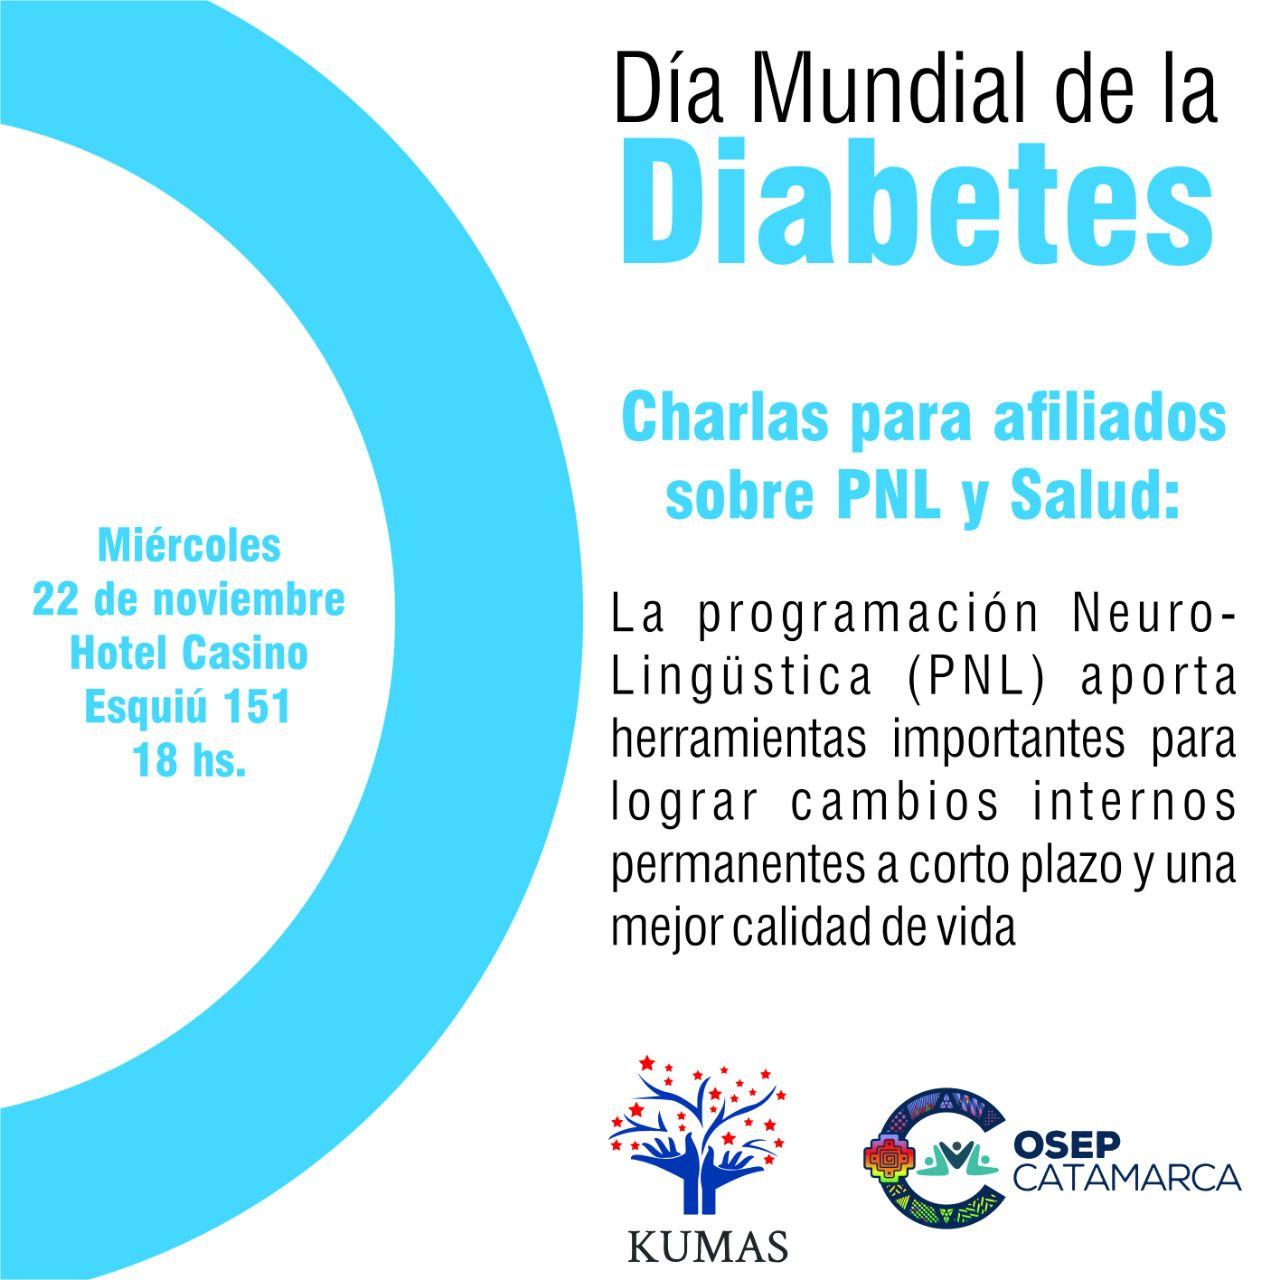 Charla sobre Programación Neurolingüística para diabéticos ...